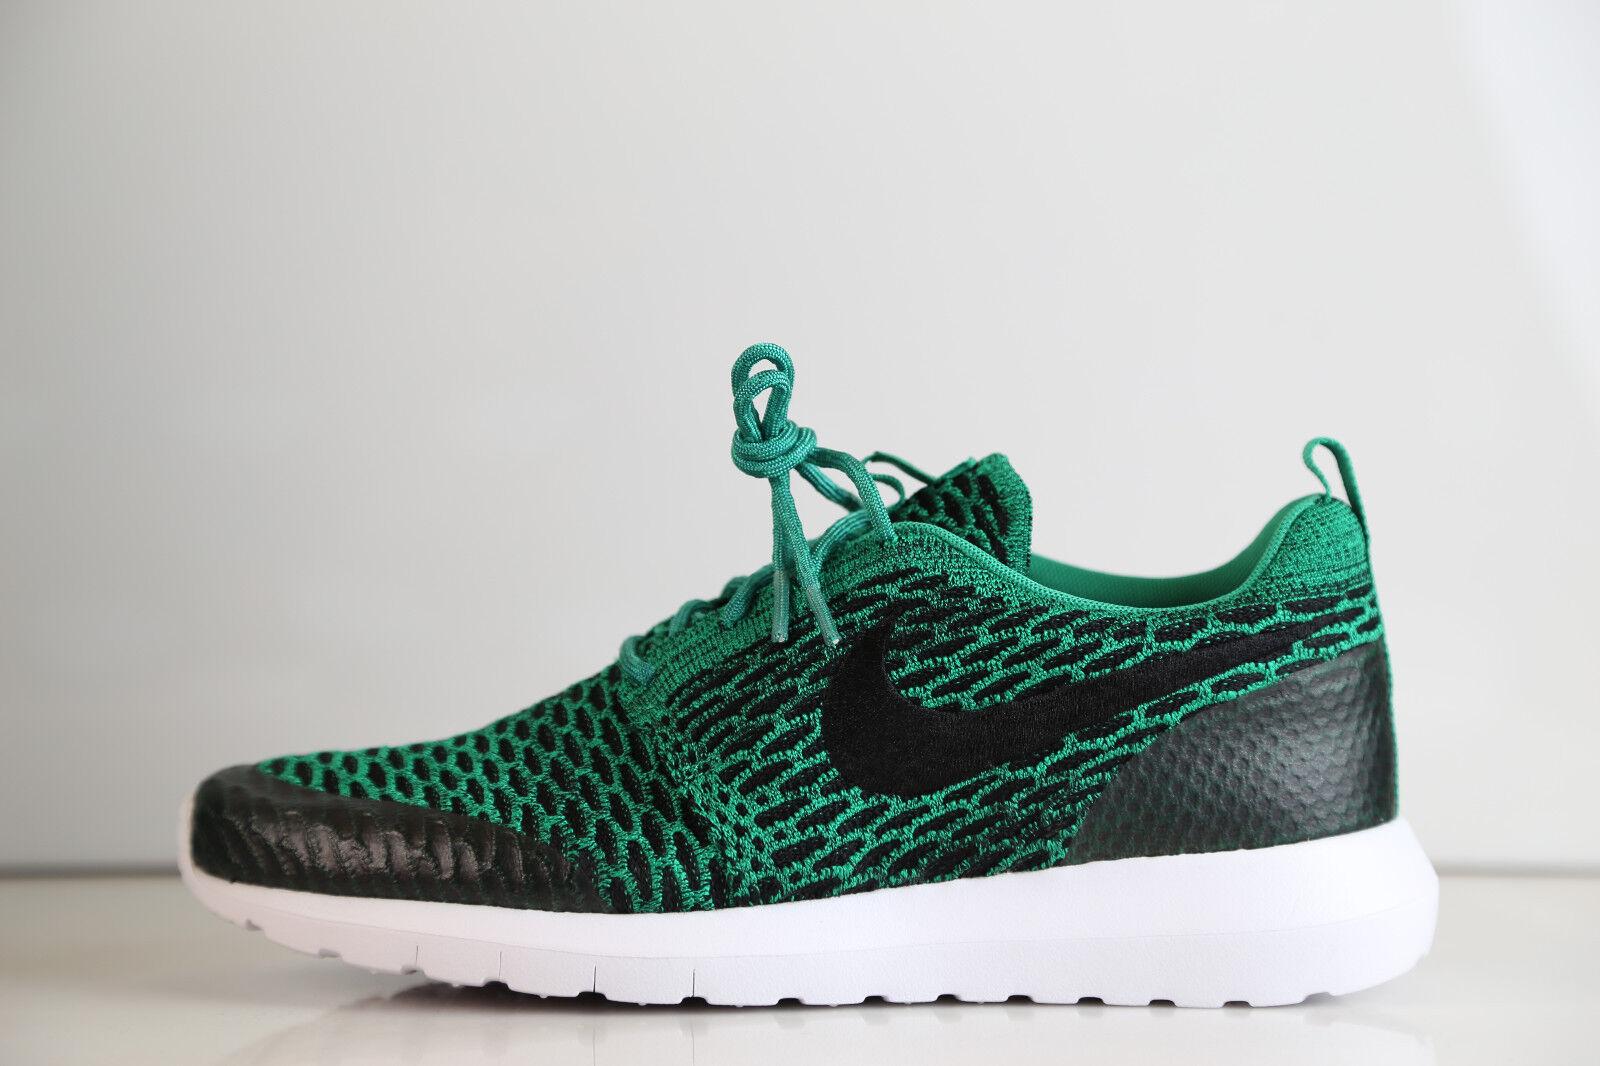 Nike Roshe Run NM Flyknit SE Lucid Green 816531-300 8-12 free 1 supreme